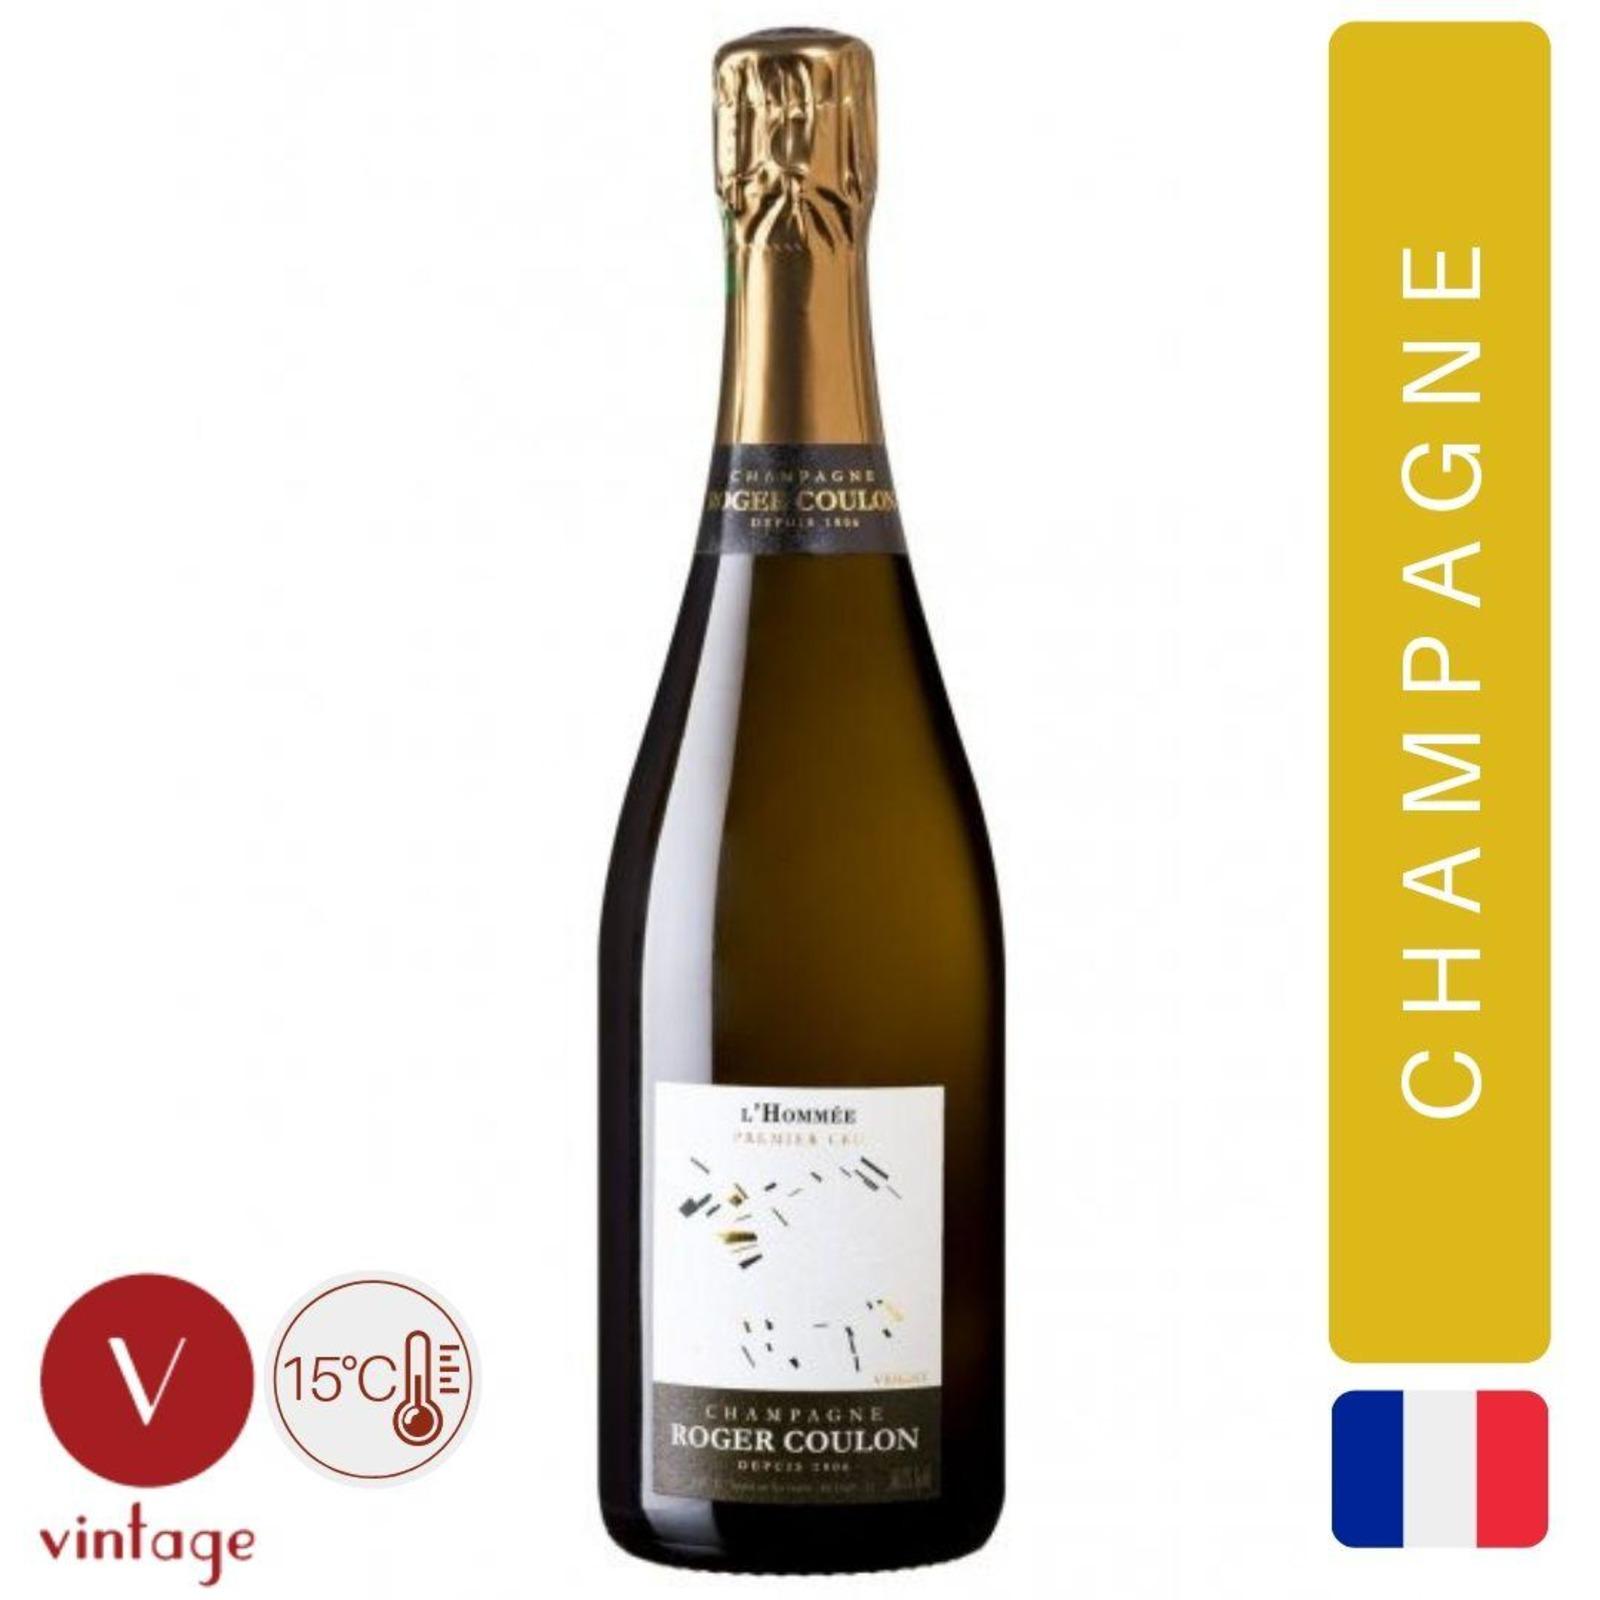 Champagne Roger Coulon - L'Hommee 1er Cru Magnum